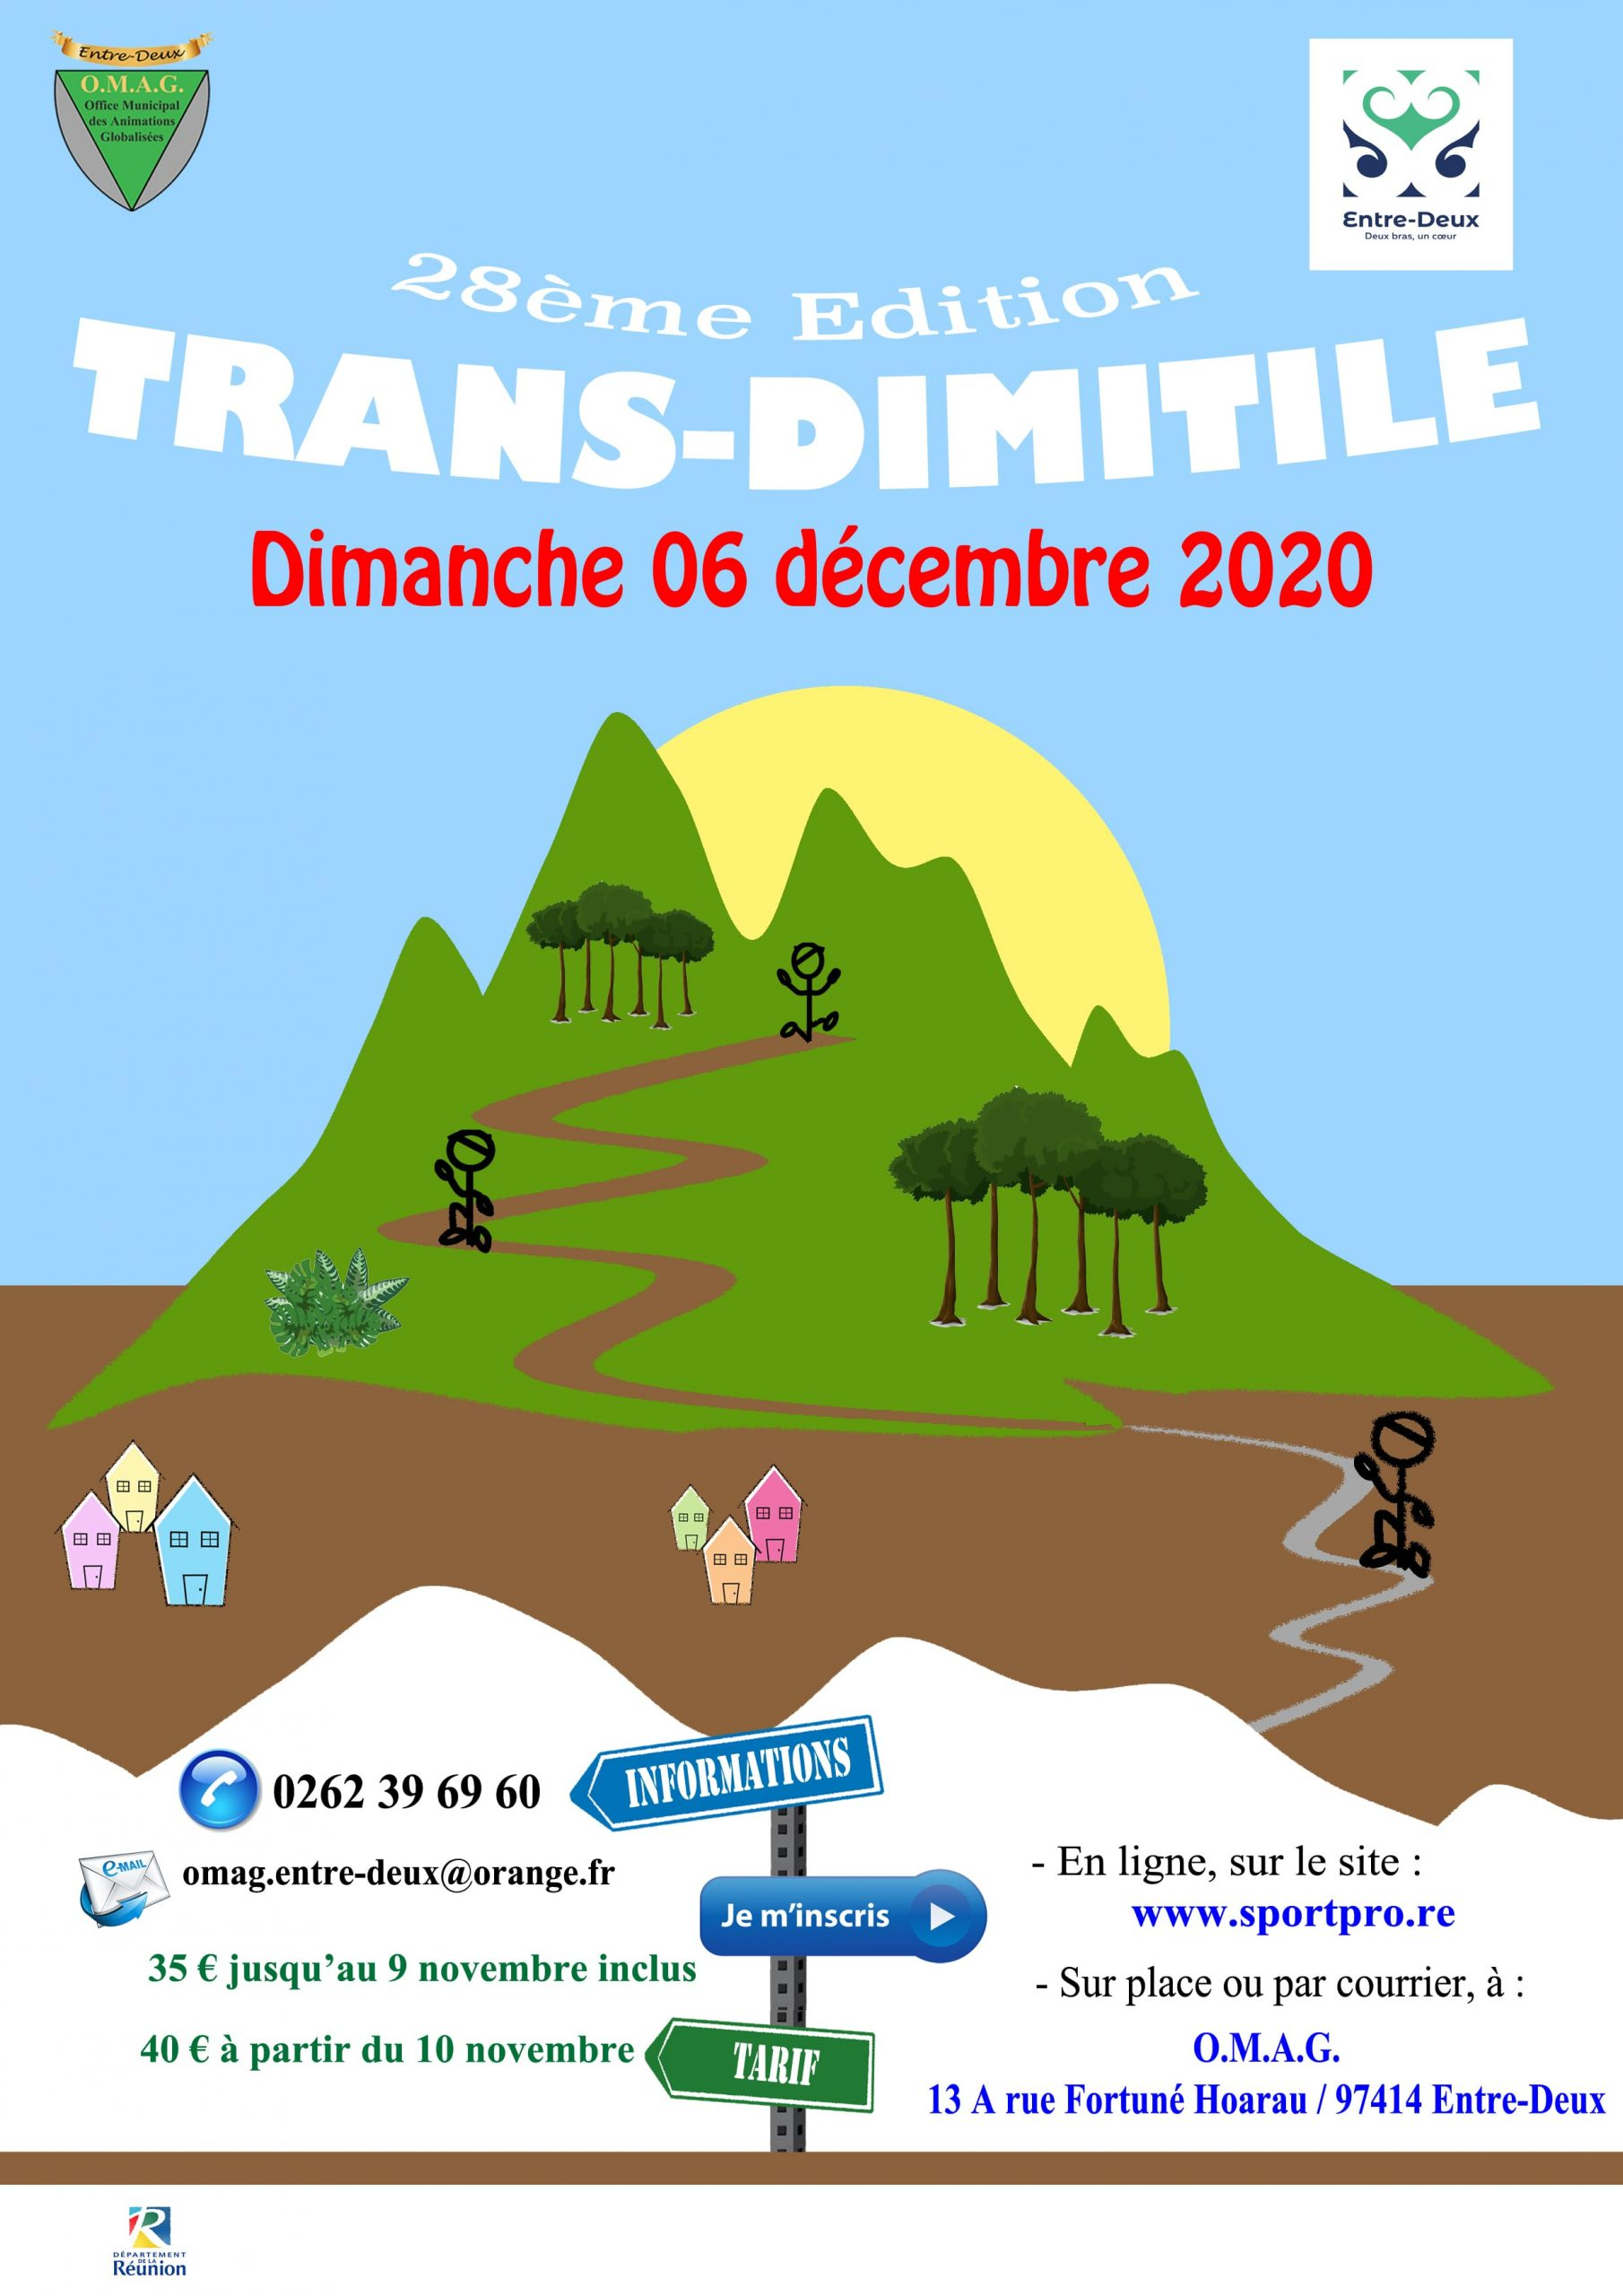 Affiche-Trans-Dimitile-2020